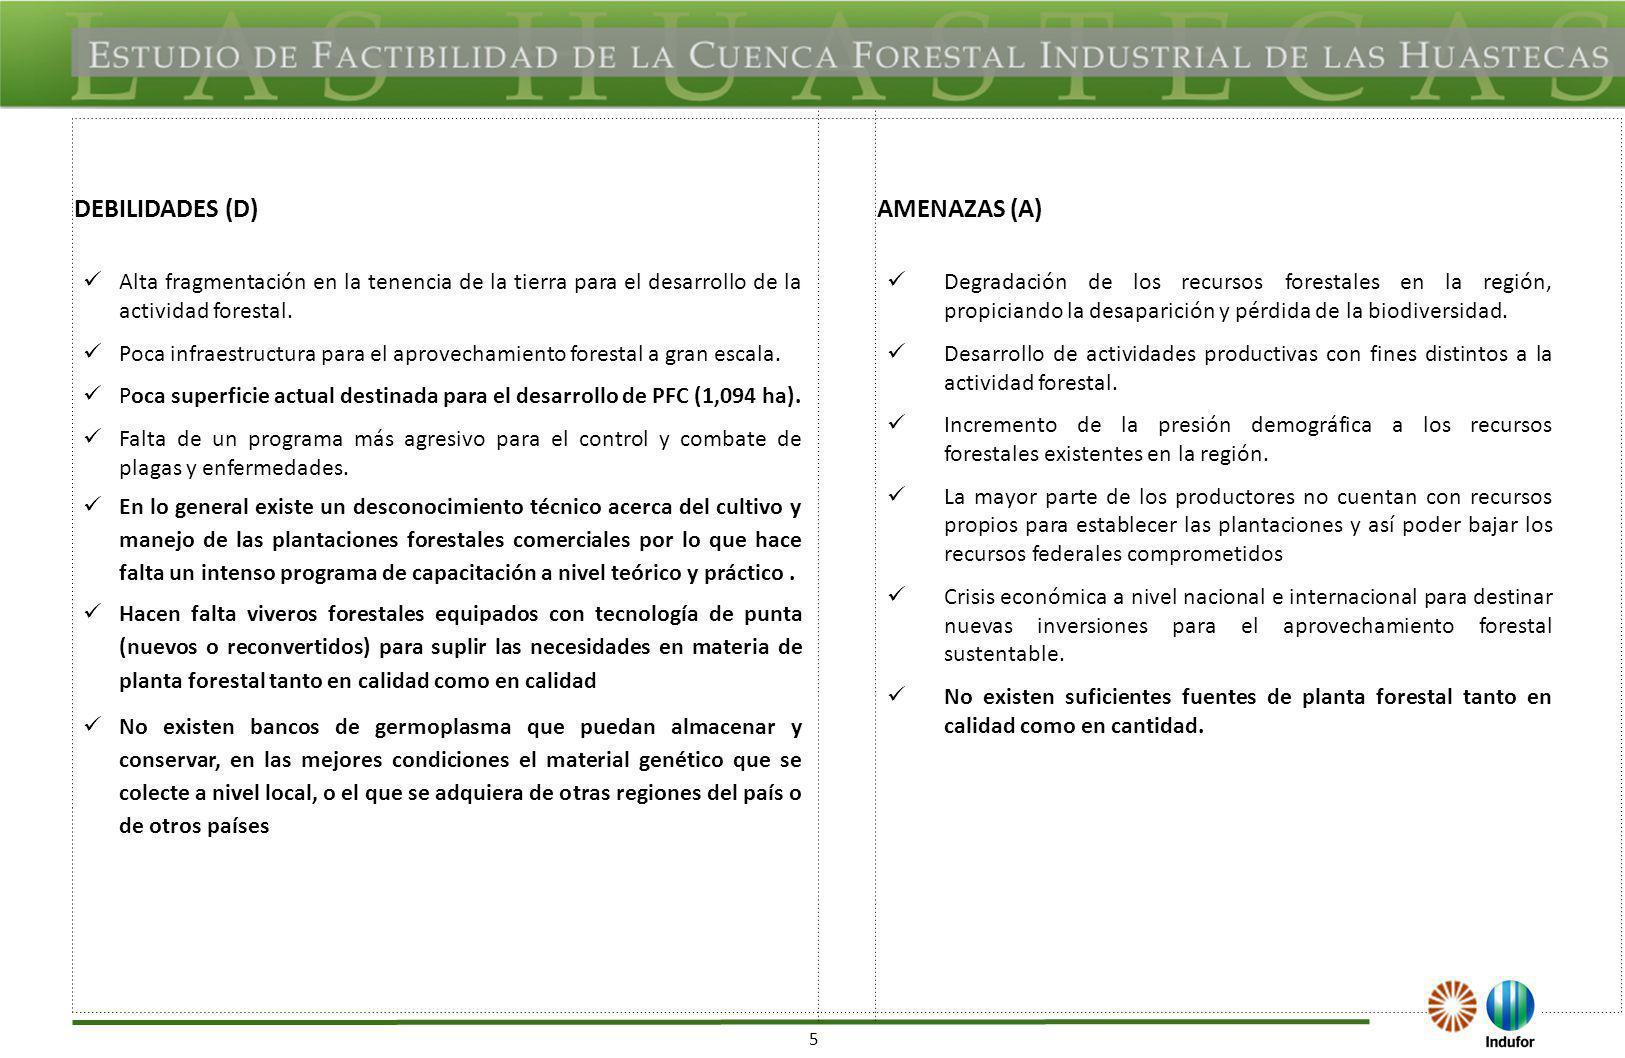 SAN LUIS POTOSÍ OPORTUNIDADES (O) FORTALEZAS (F)